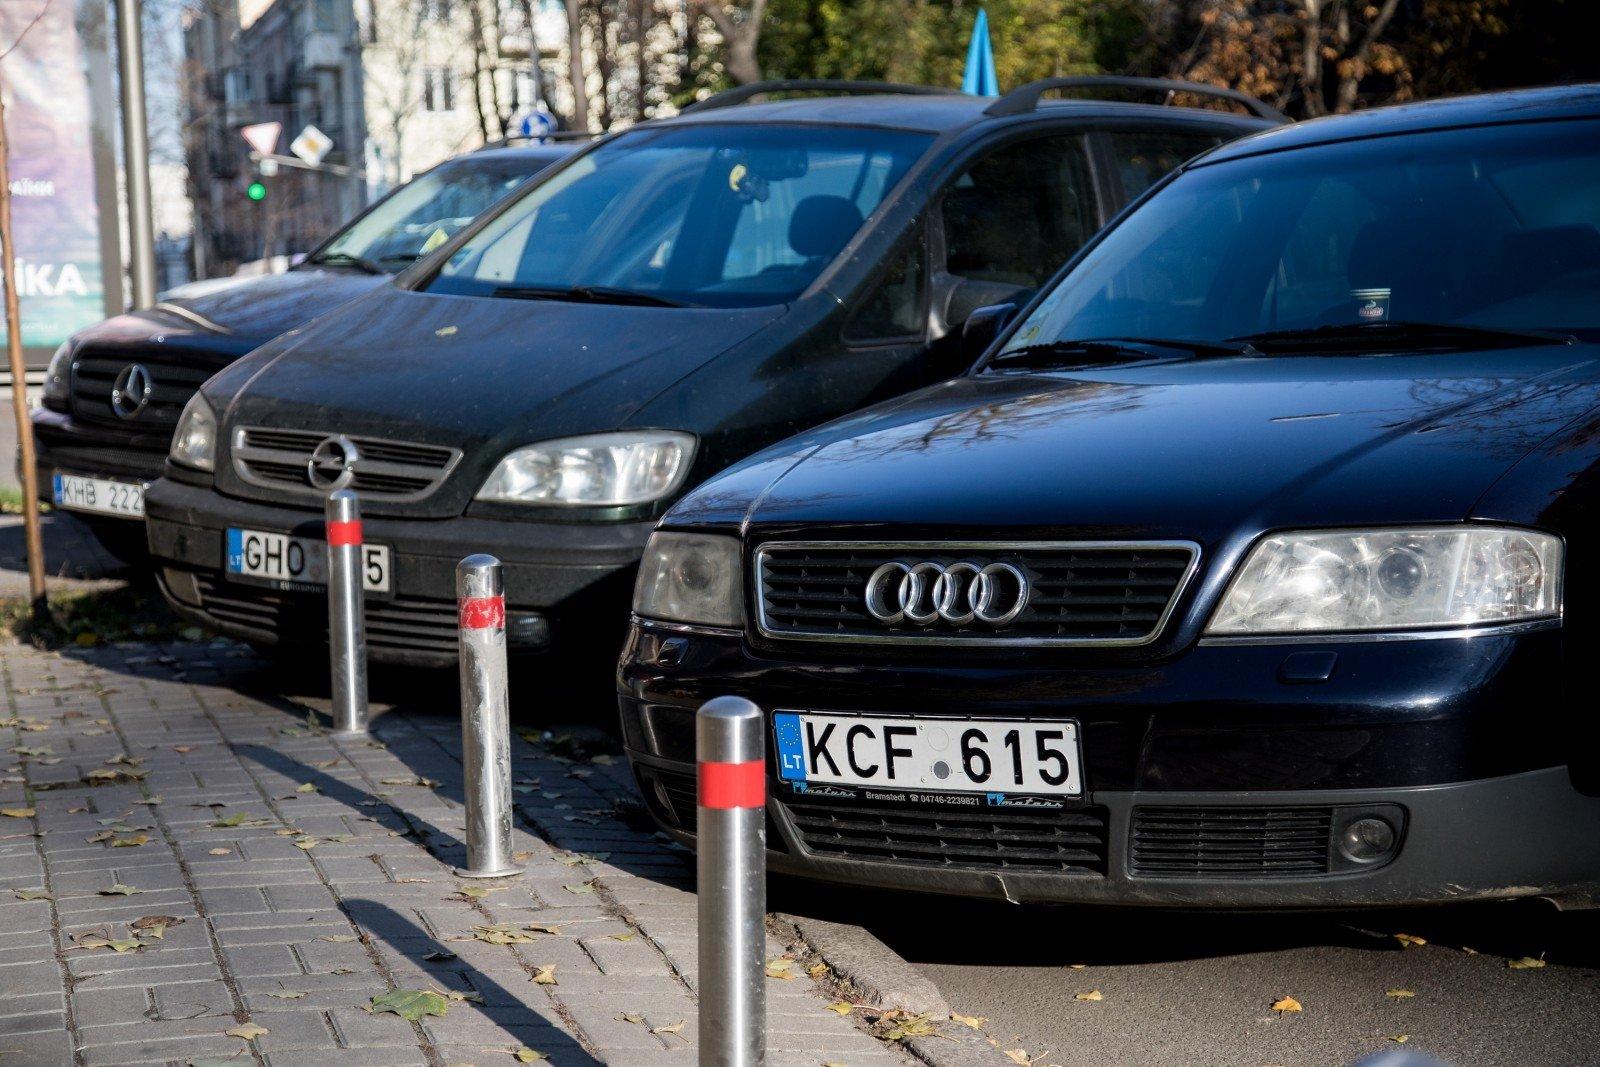 protesto-akcija-kijeve-del-muito-automobiliams-79521361